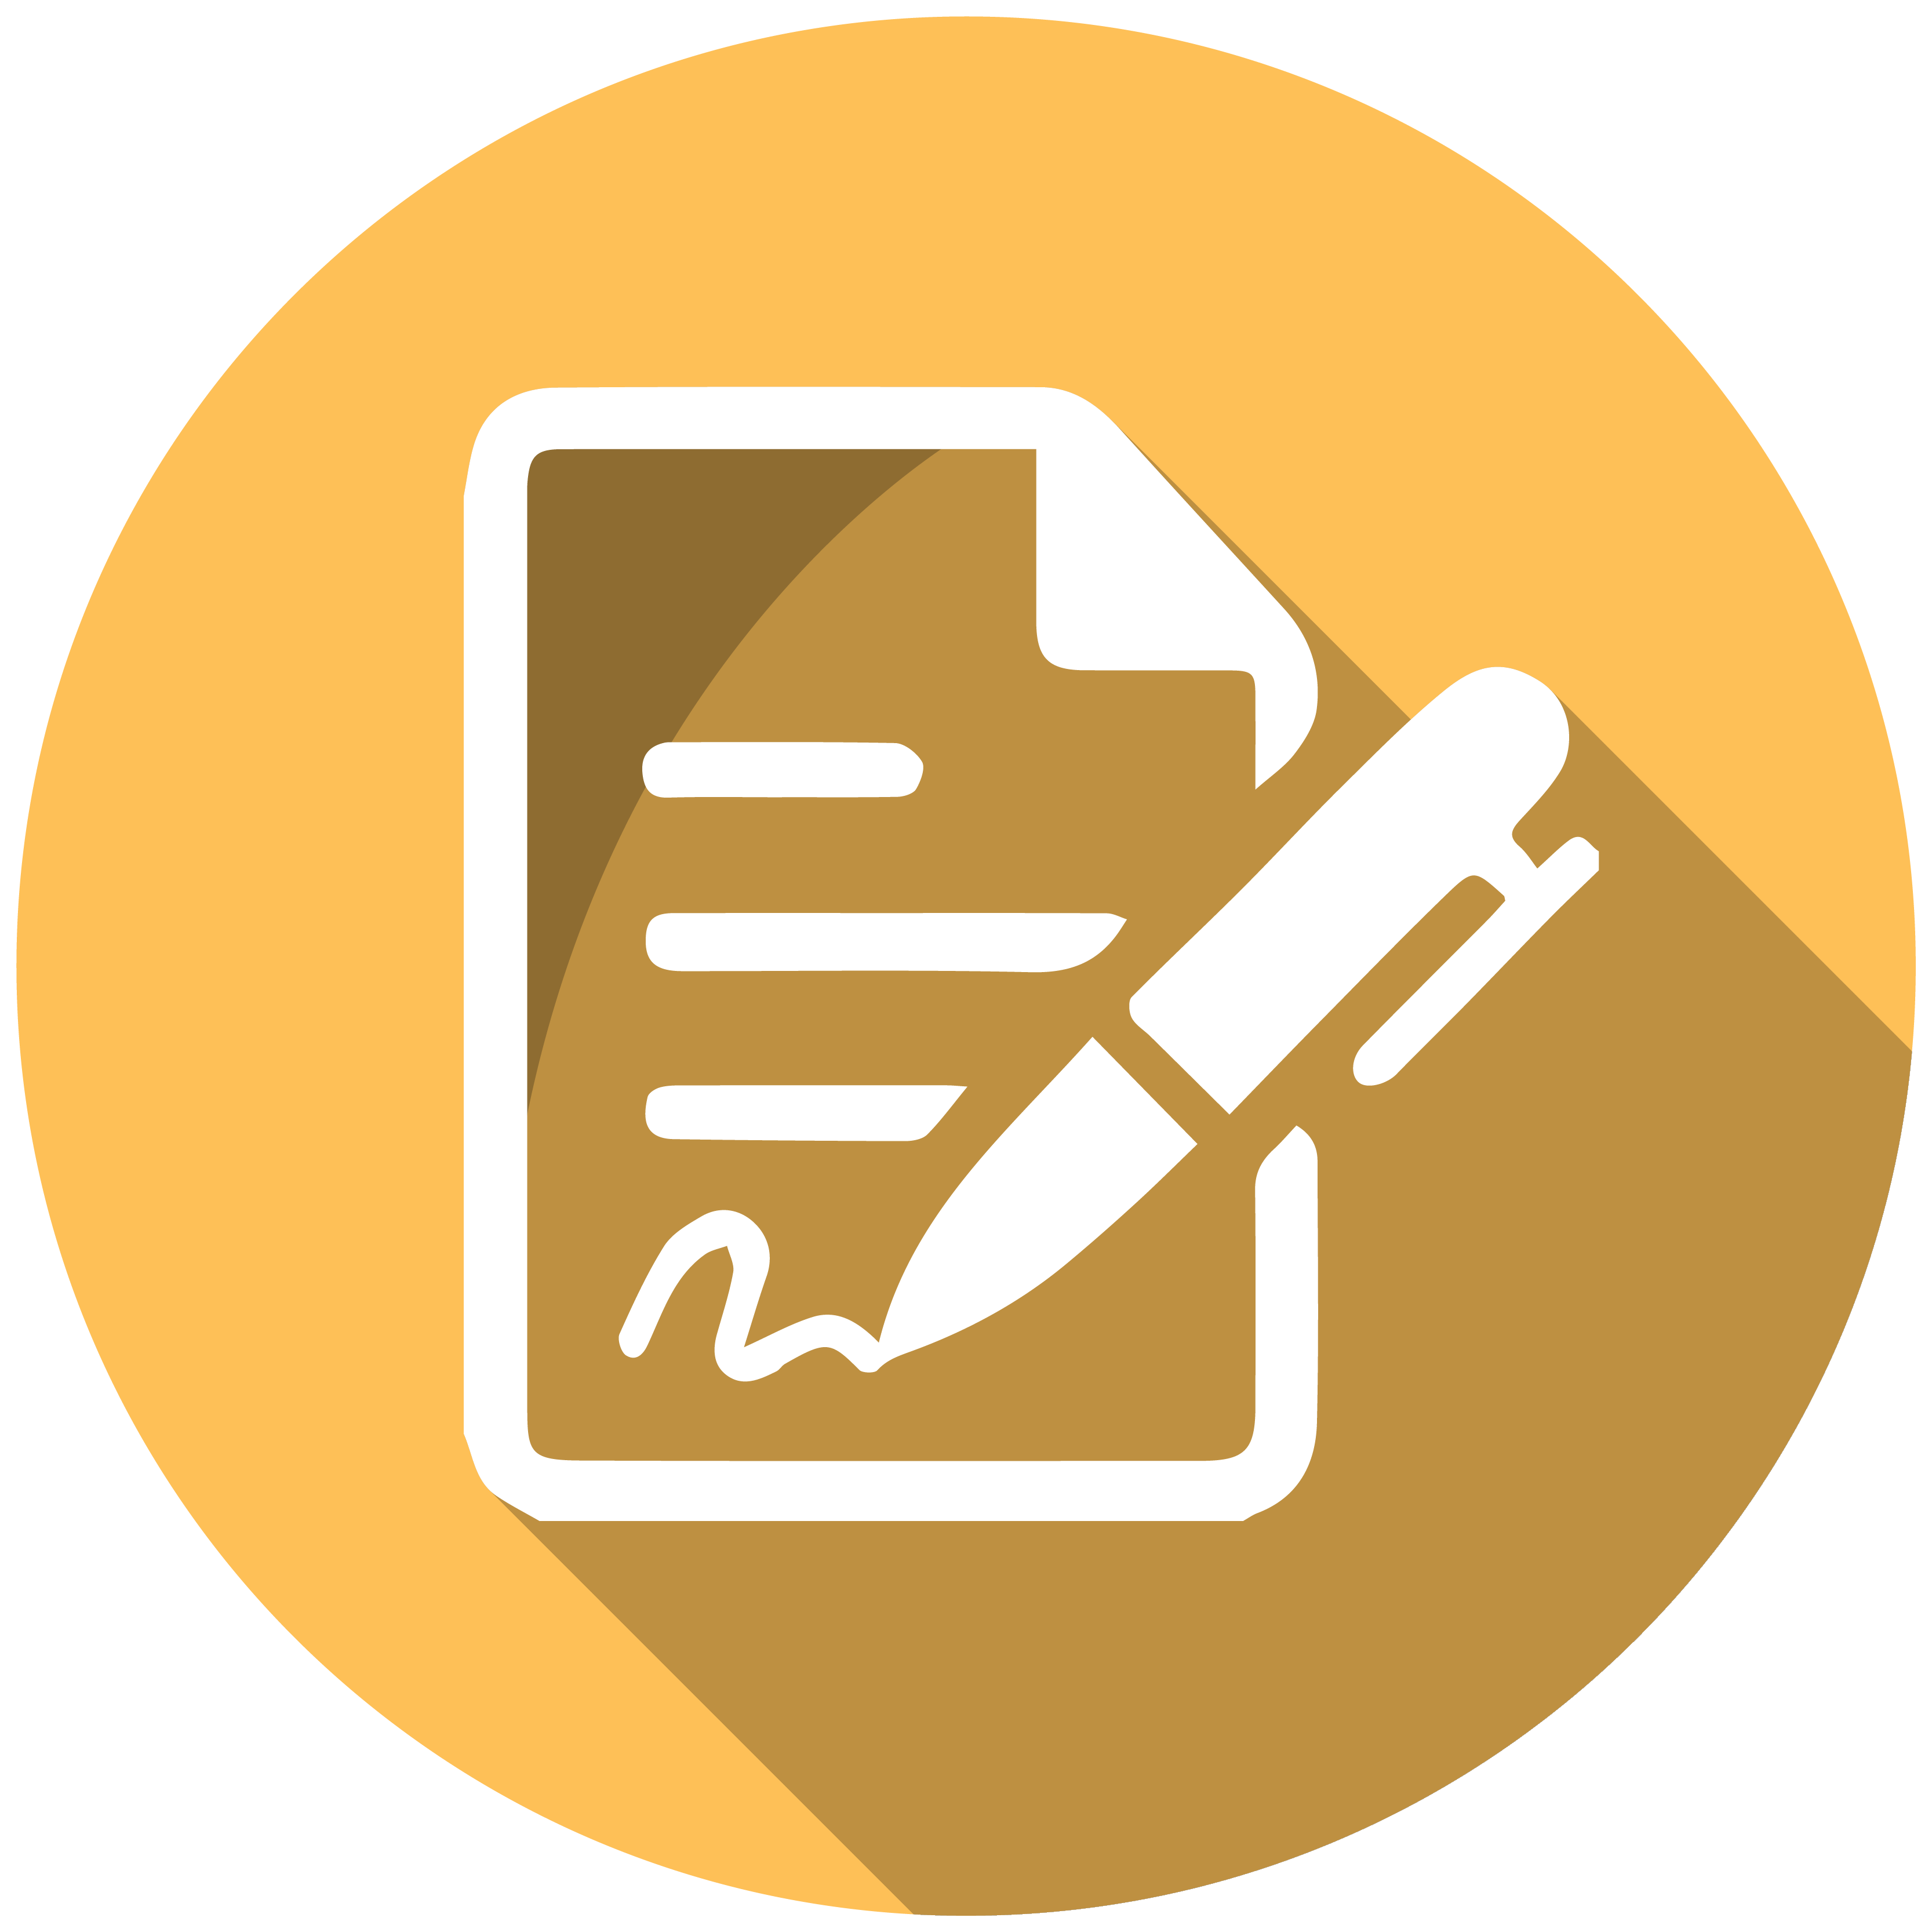 خرید فایل( پاورپوینت بررسی پروژه تأسیسات مکانیکی)